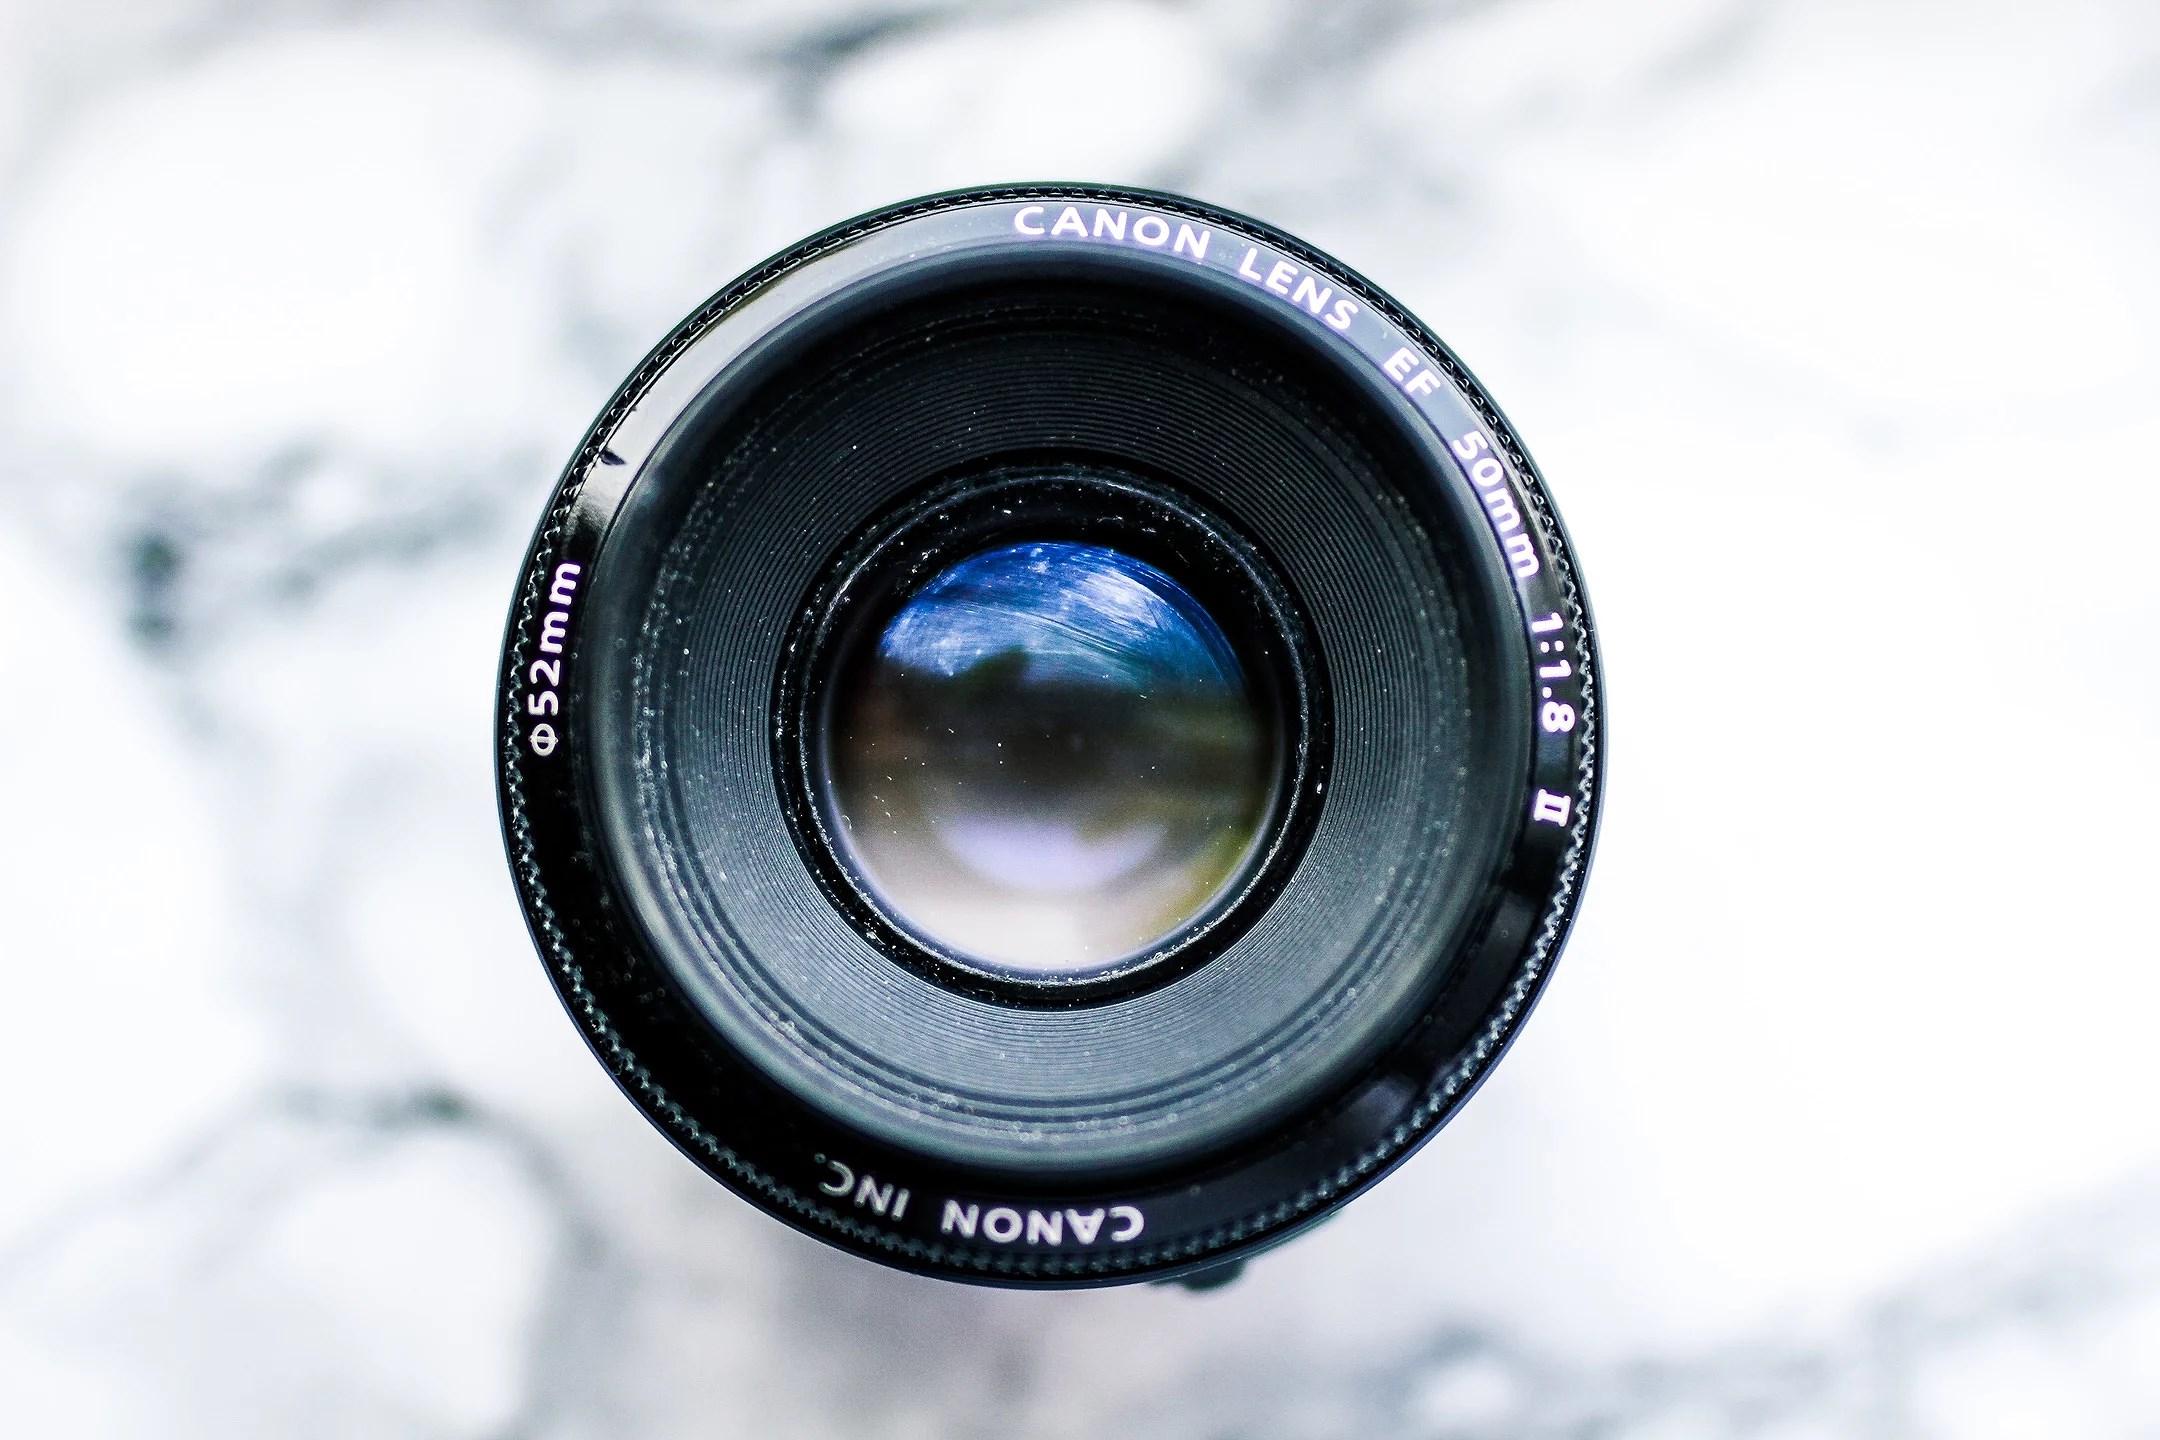 Vad använder jag för kamera & objektiv?